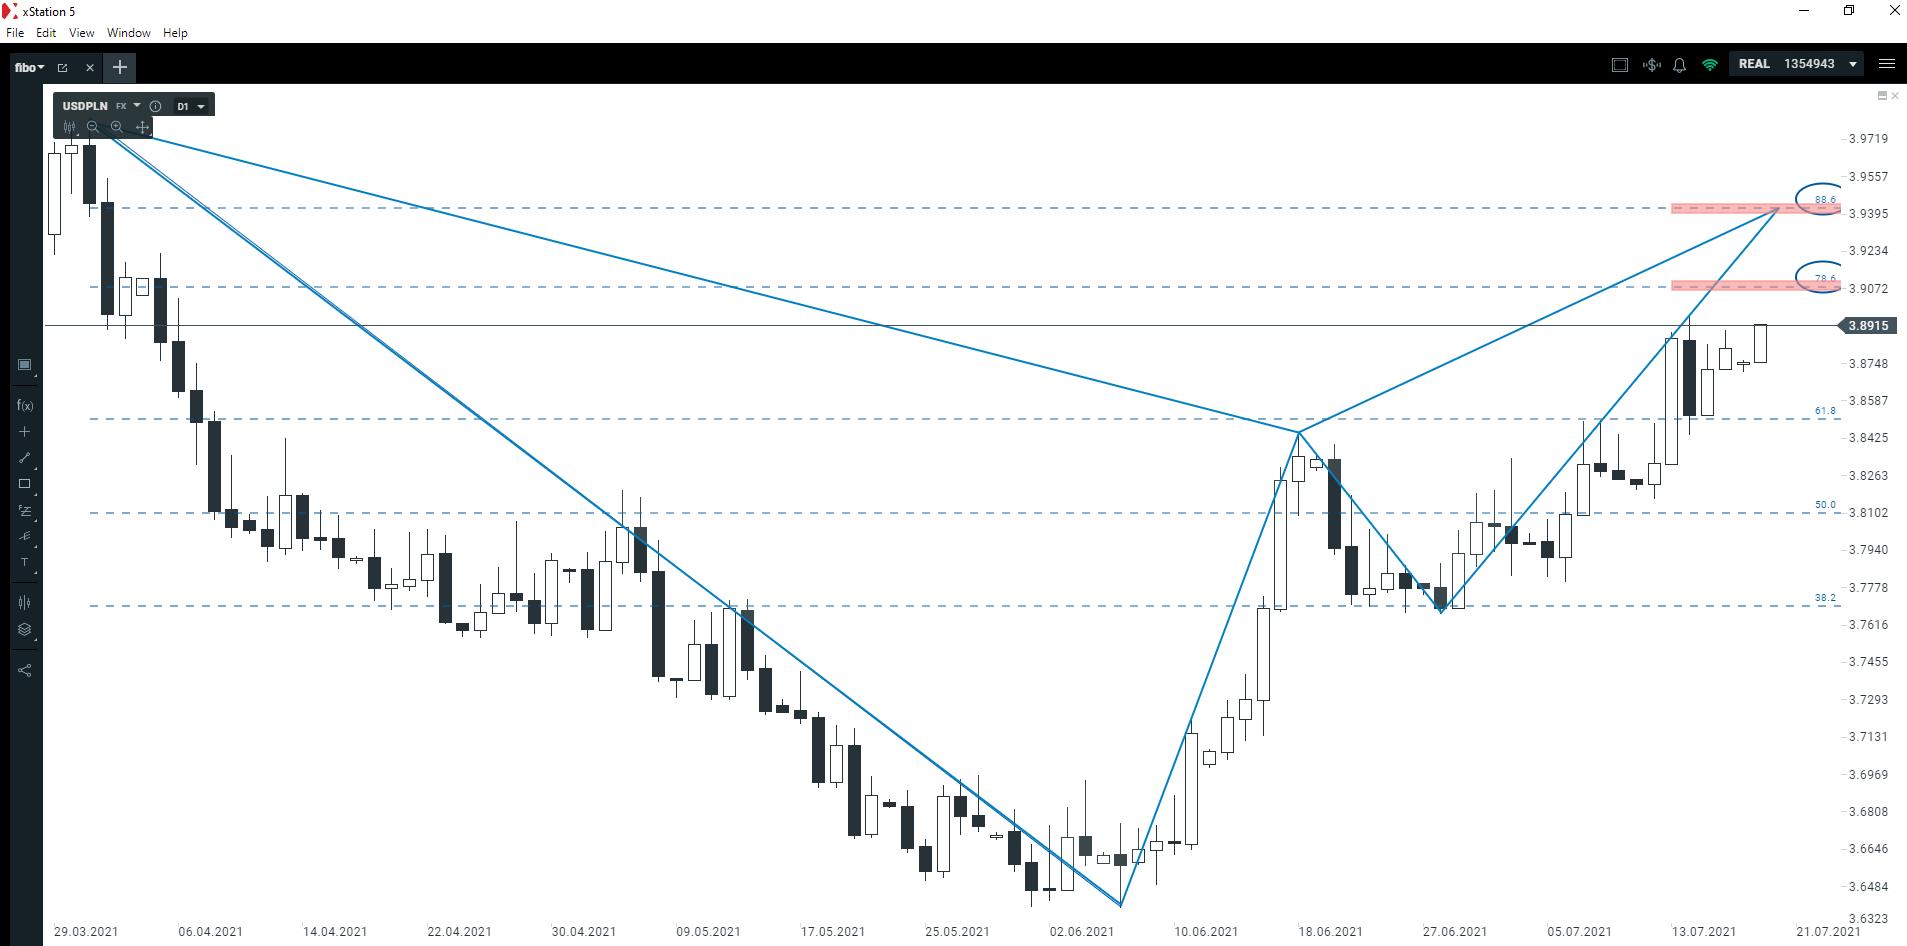 Dolar w trendzie wzrostowym. Czy tendencja zostanie utrzymana?